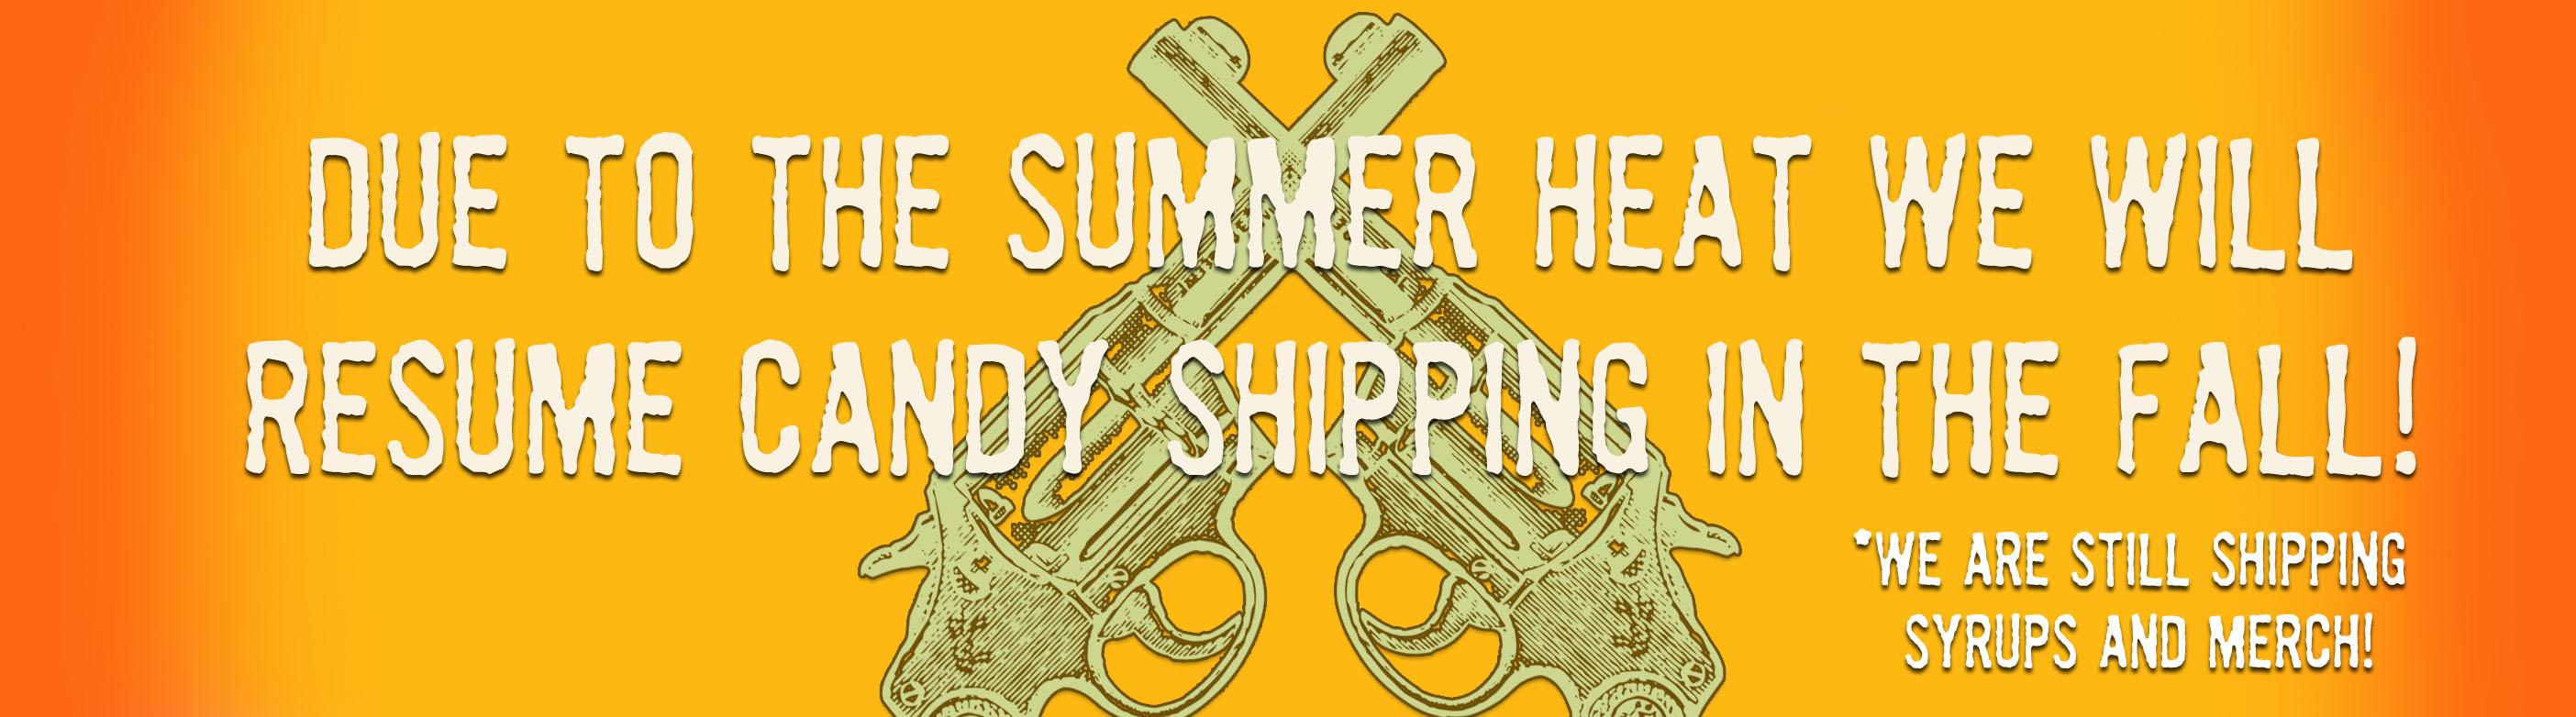 Bang Candy Company Shipping